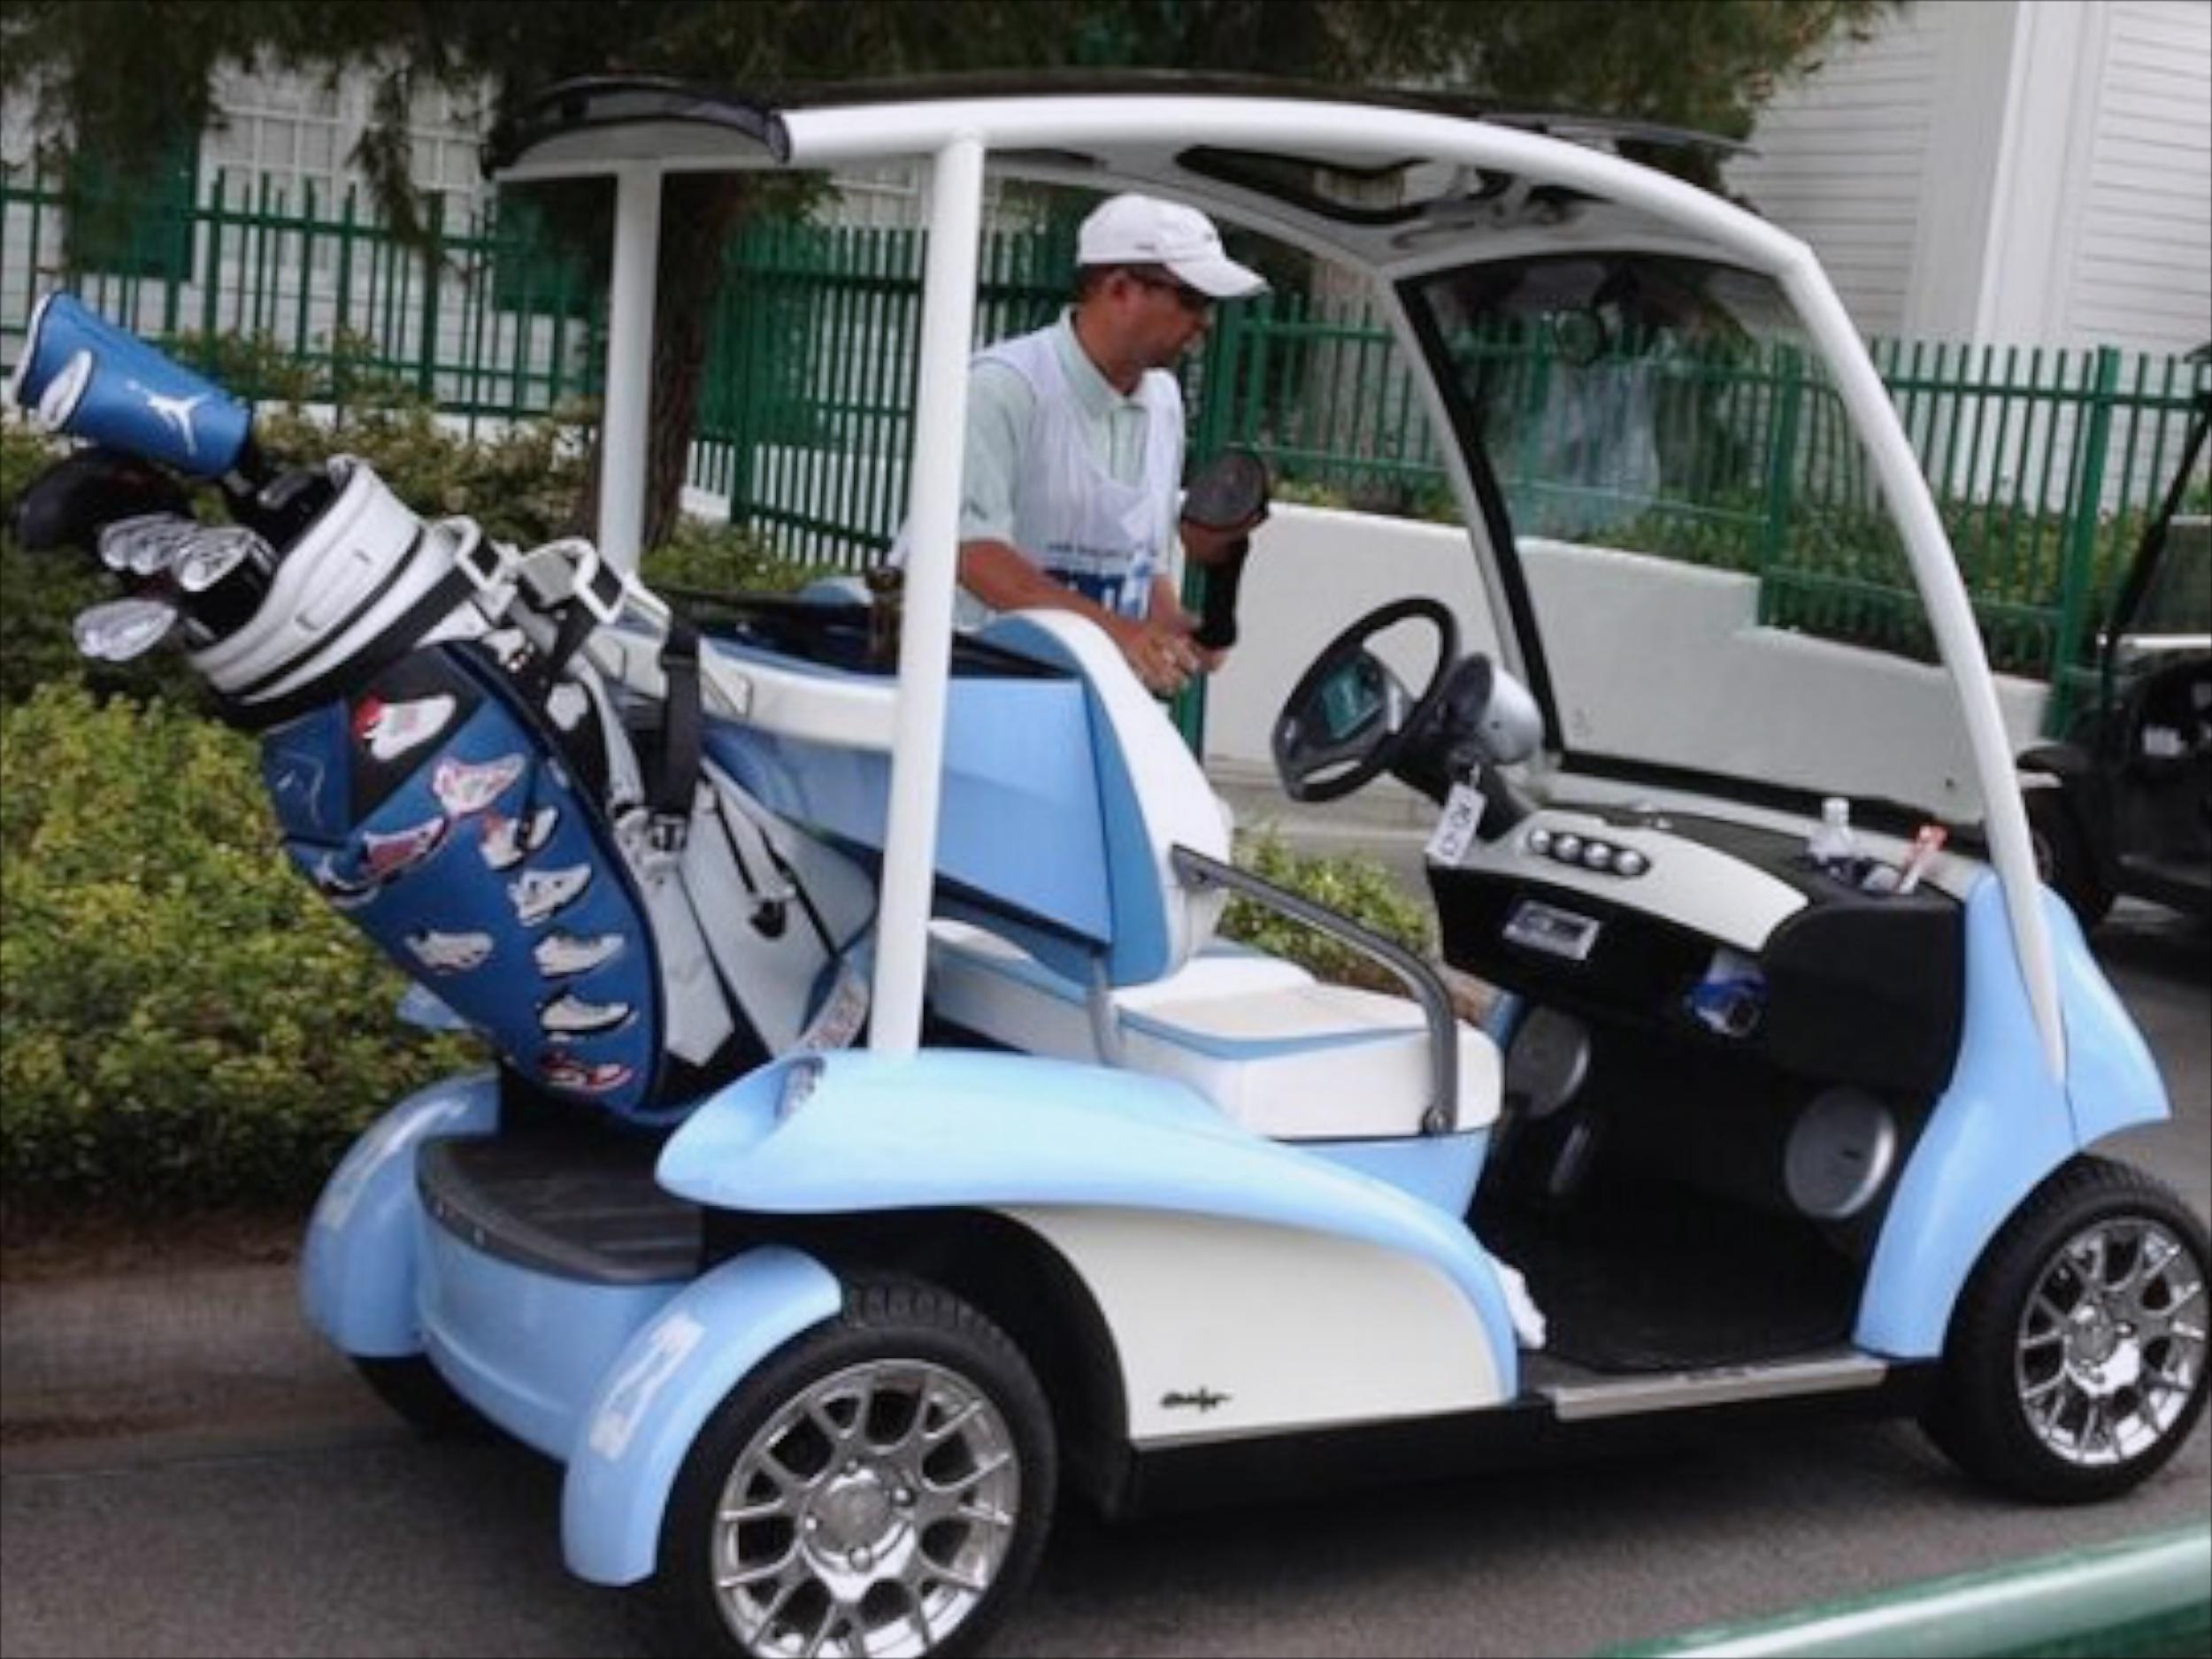 Michael Jordan's Golf Cart